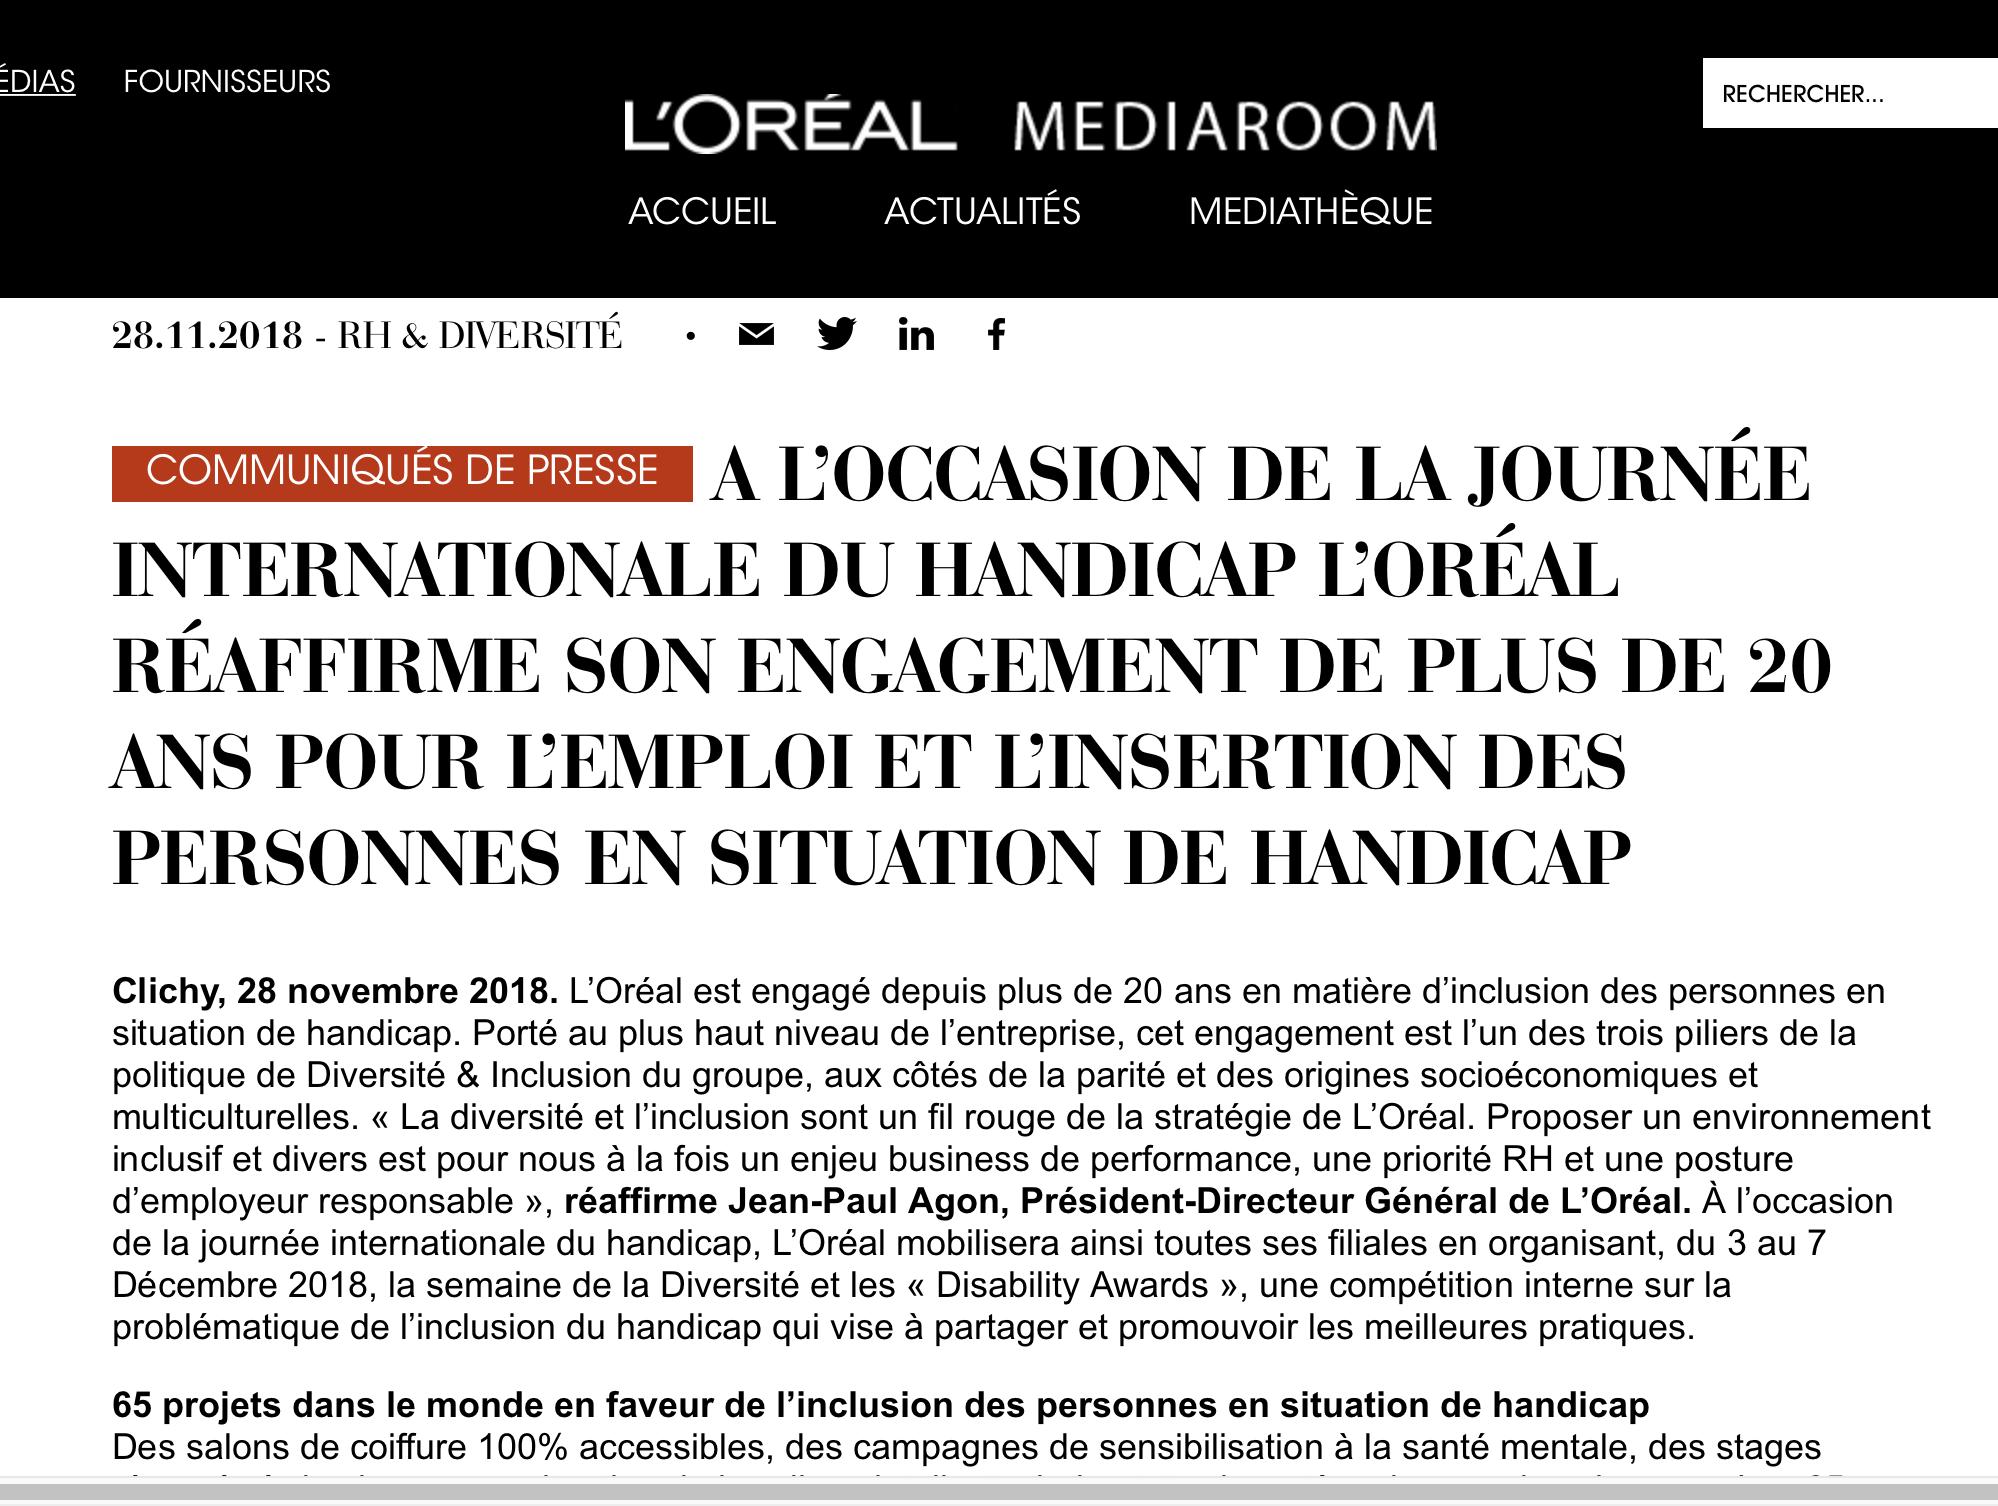 Loreal Une Priorite Rh Et Une Posture D Employeur Responsable Reaffirme Jean Paul Agon President Directeur General De L Oreal A L Occ Loreal Press Release